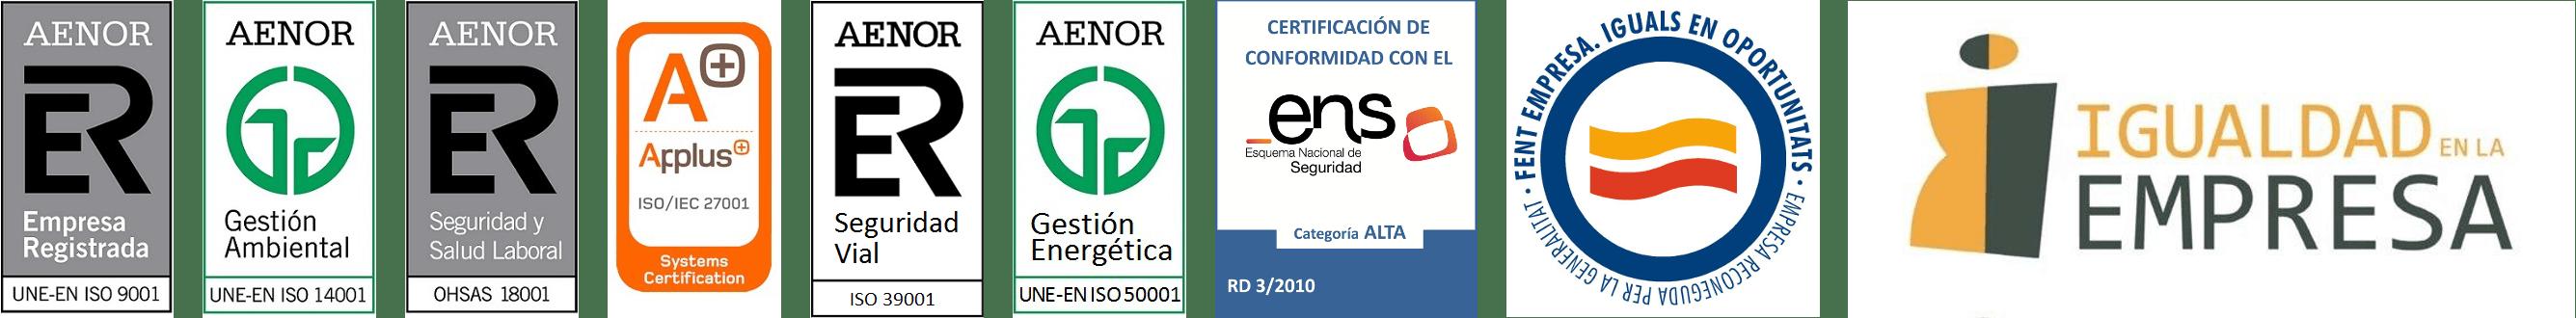 Certificaciones igualdad